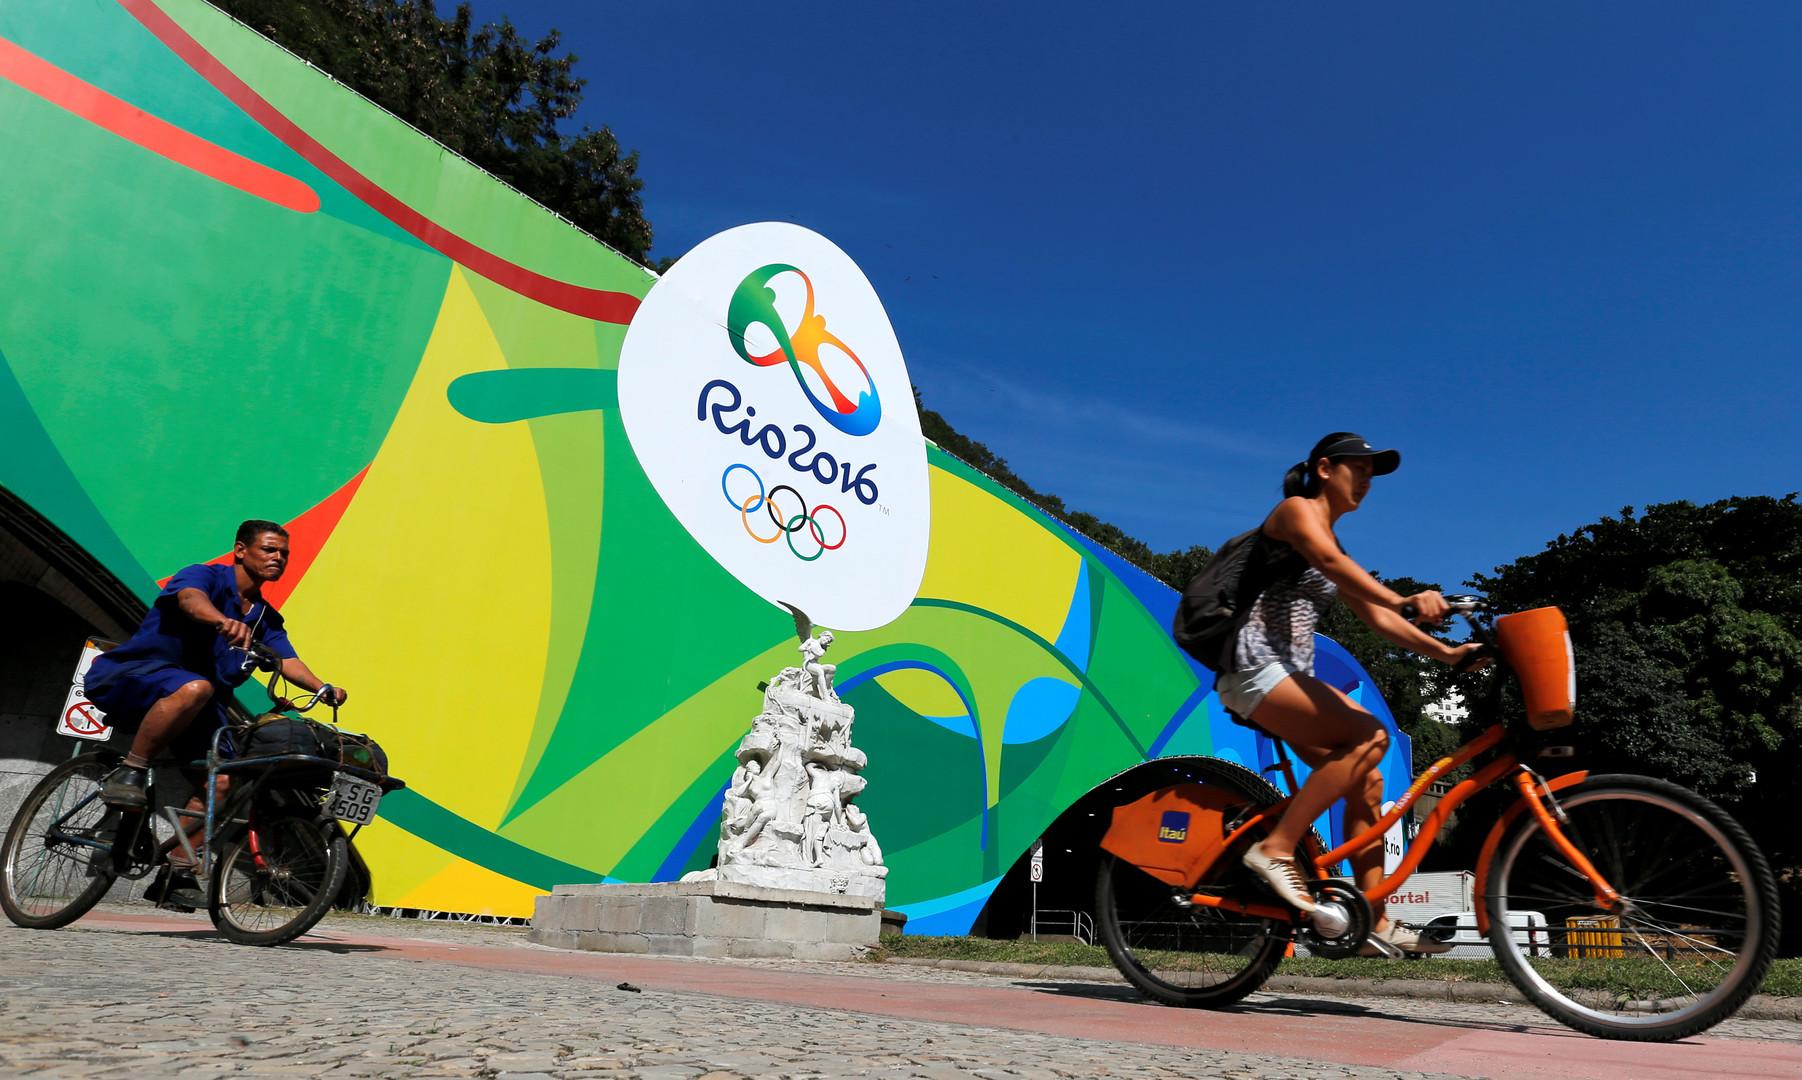 Пресс-подход: западные СМИ уже лишили Россию Олимпиады